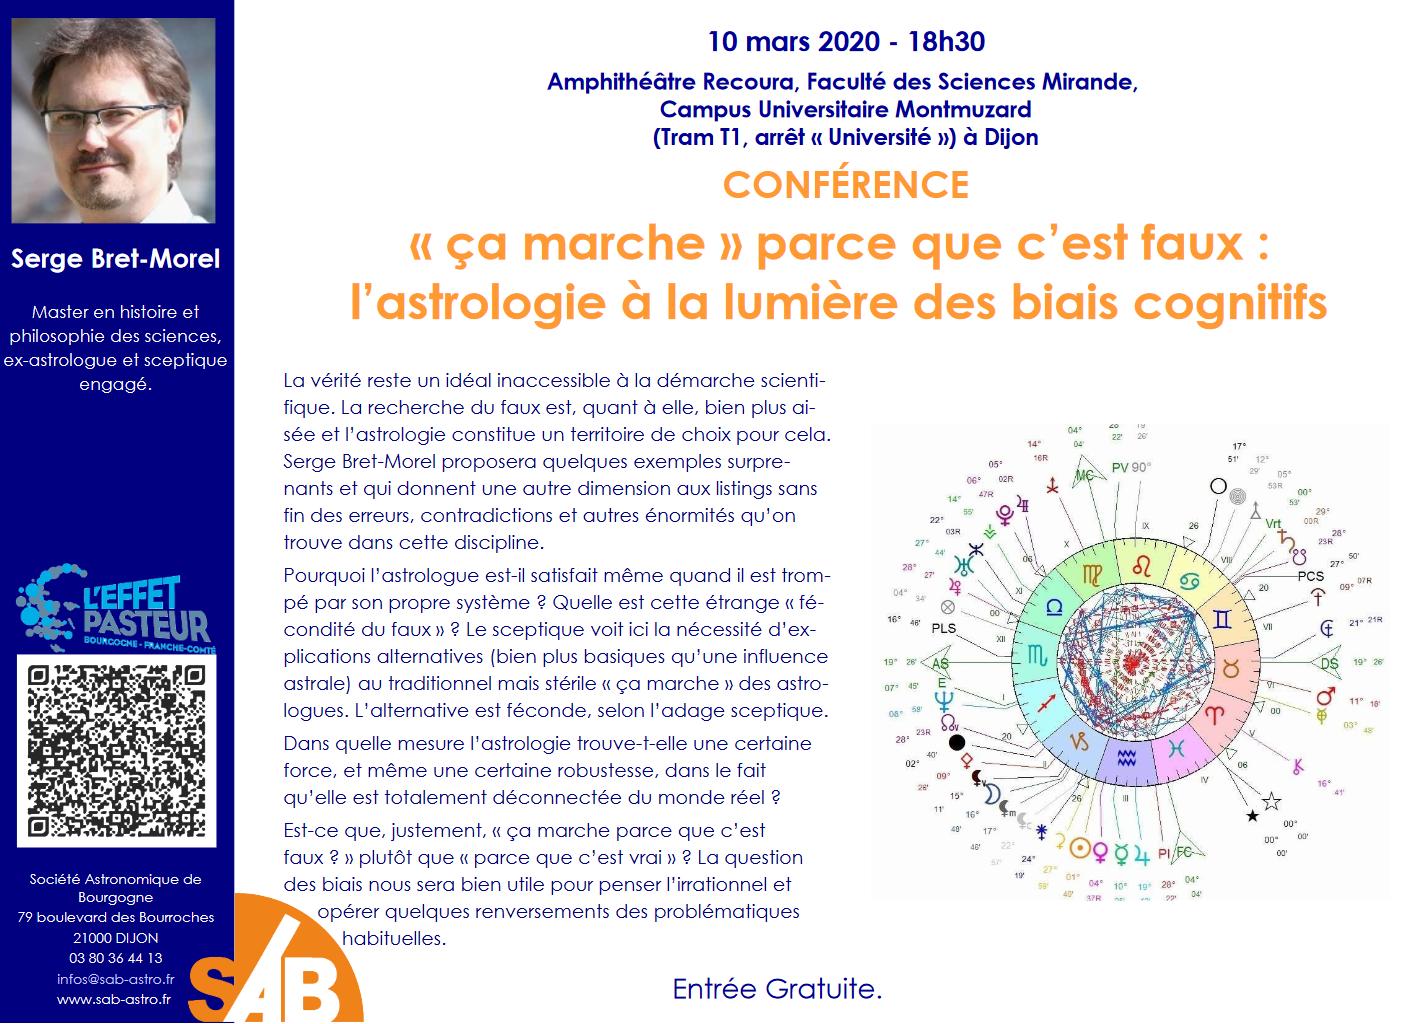 10 Mars 2020 18h30 : conférence à Dijon (Société Astronomique de Bourgogne)